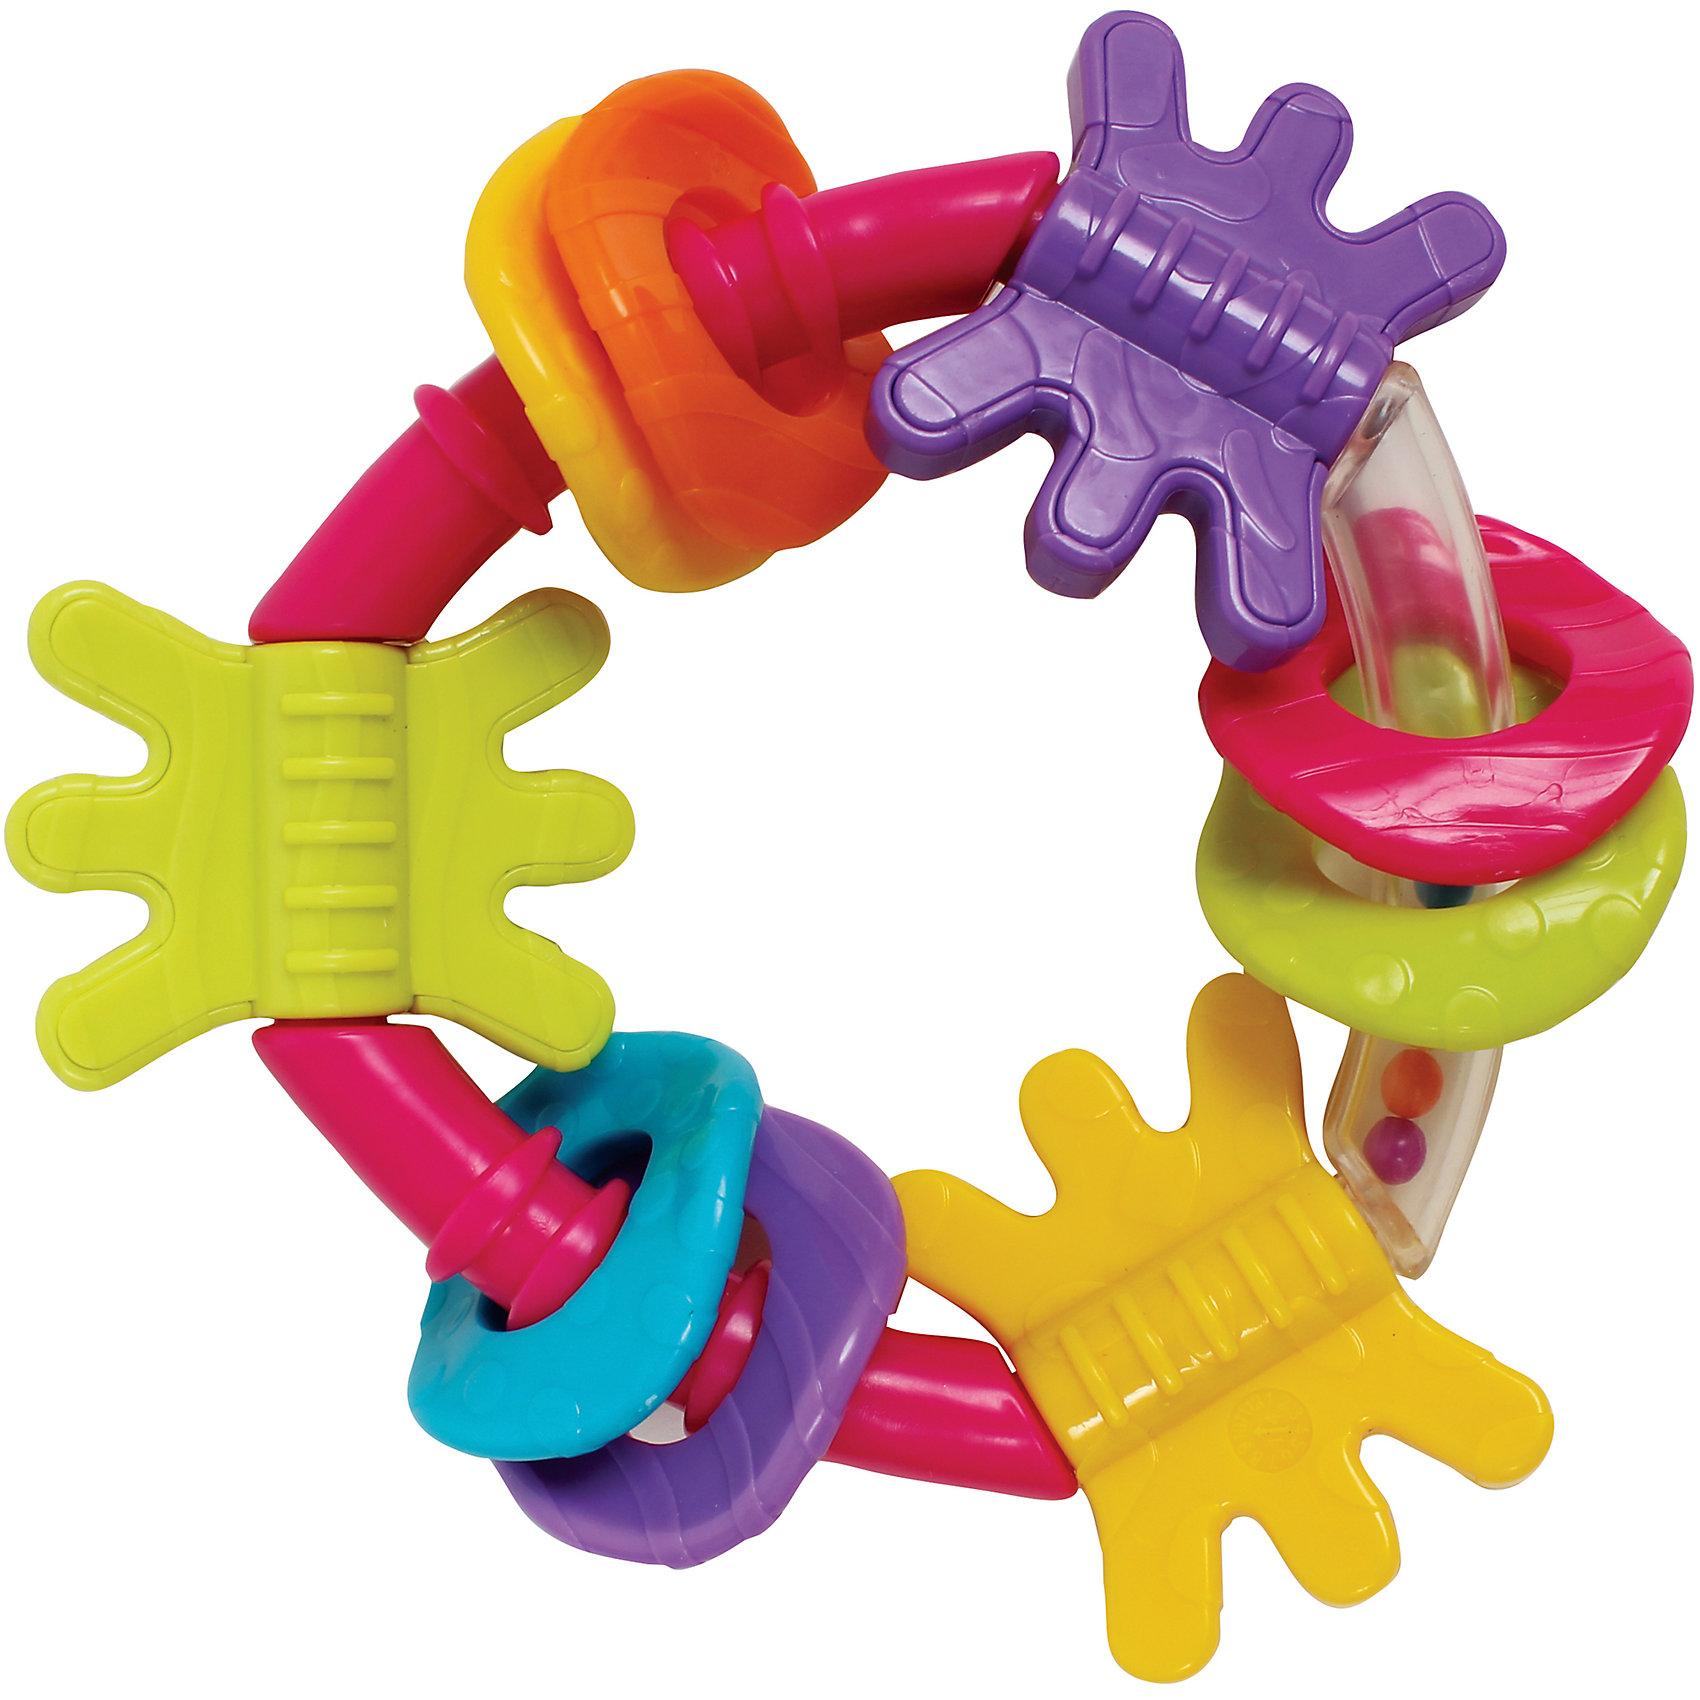 Игрушка-погремушка, PlaygroРазвивающие игрушки<br>Оригинальная треугольная погремушка с закругленными углами привлечет внимание любого малыша. Основание выполнено из  пластика с разноцветными шариками внутри - они начинают перекатываться и греметь, как только малыш берет игрушку в руки. Также на ней расположены 9 разноцветных прорезывателей, которые можно передвигать и вращать. Погремушка выполнена из высококачественных экологичных материалов безопасных для детей, способствует развитию тактильных ощущений и цветового восприятия. <br><br>Дополнительная информация:<br><br>- Материал: пластик.<br>- Размер: 11х4х16  см.<br><br>Игрушку-погремушку, Playgro (Плейгро), можно купить в нашем магазине.<br><br>Ширина мм: 110<br>Глубина мм: 40<br>Высота мм: 160<br>Вес г: 60<br>Возраст от месяцев: 3<br>Возраст до месяцев: 24<br>Пол: Унисекс<br>Возраст: Детский<br>SKU: 4729142